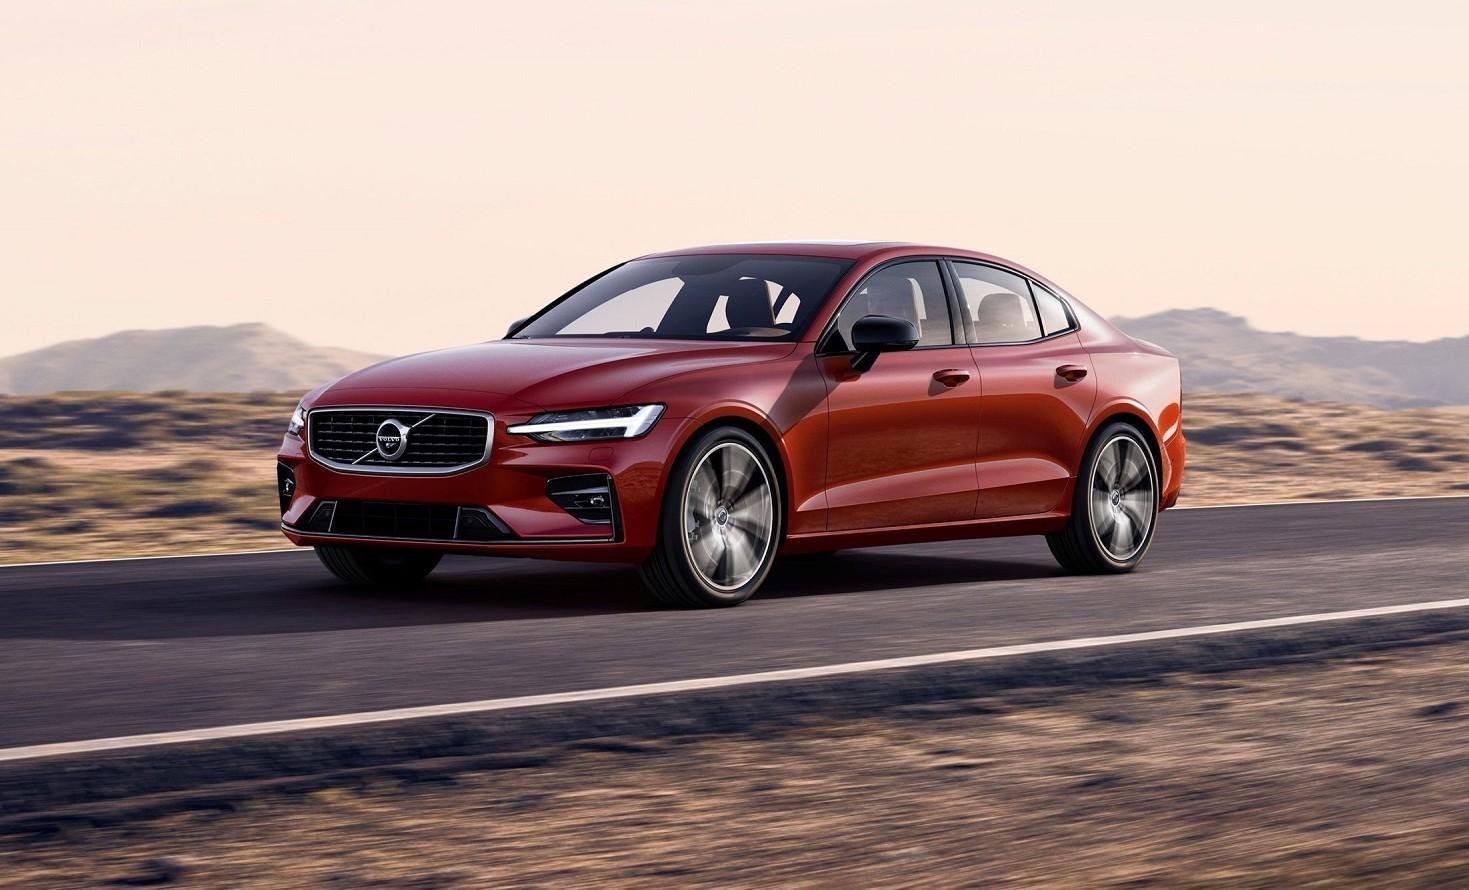 Nuove auto Volvo 2019 in arrivo. Ecco i